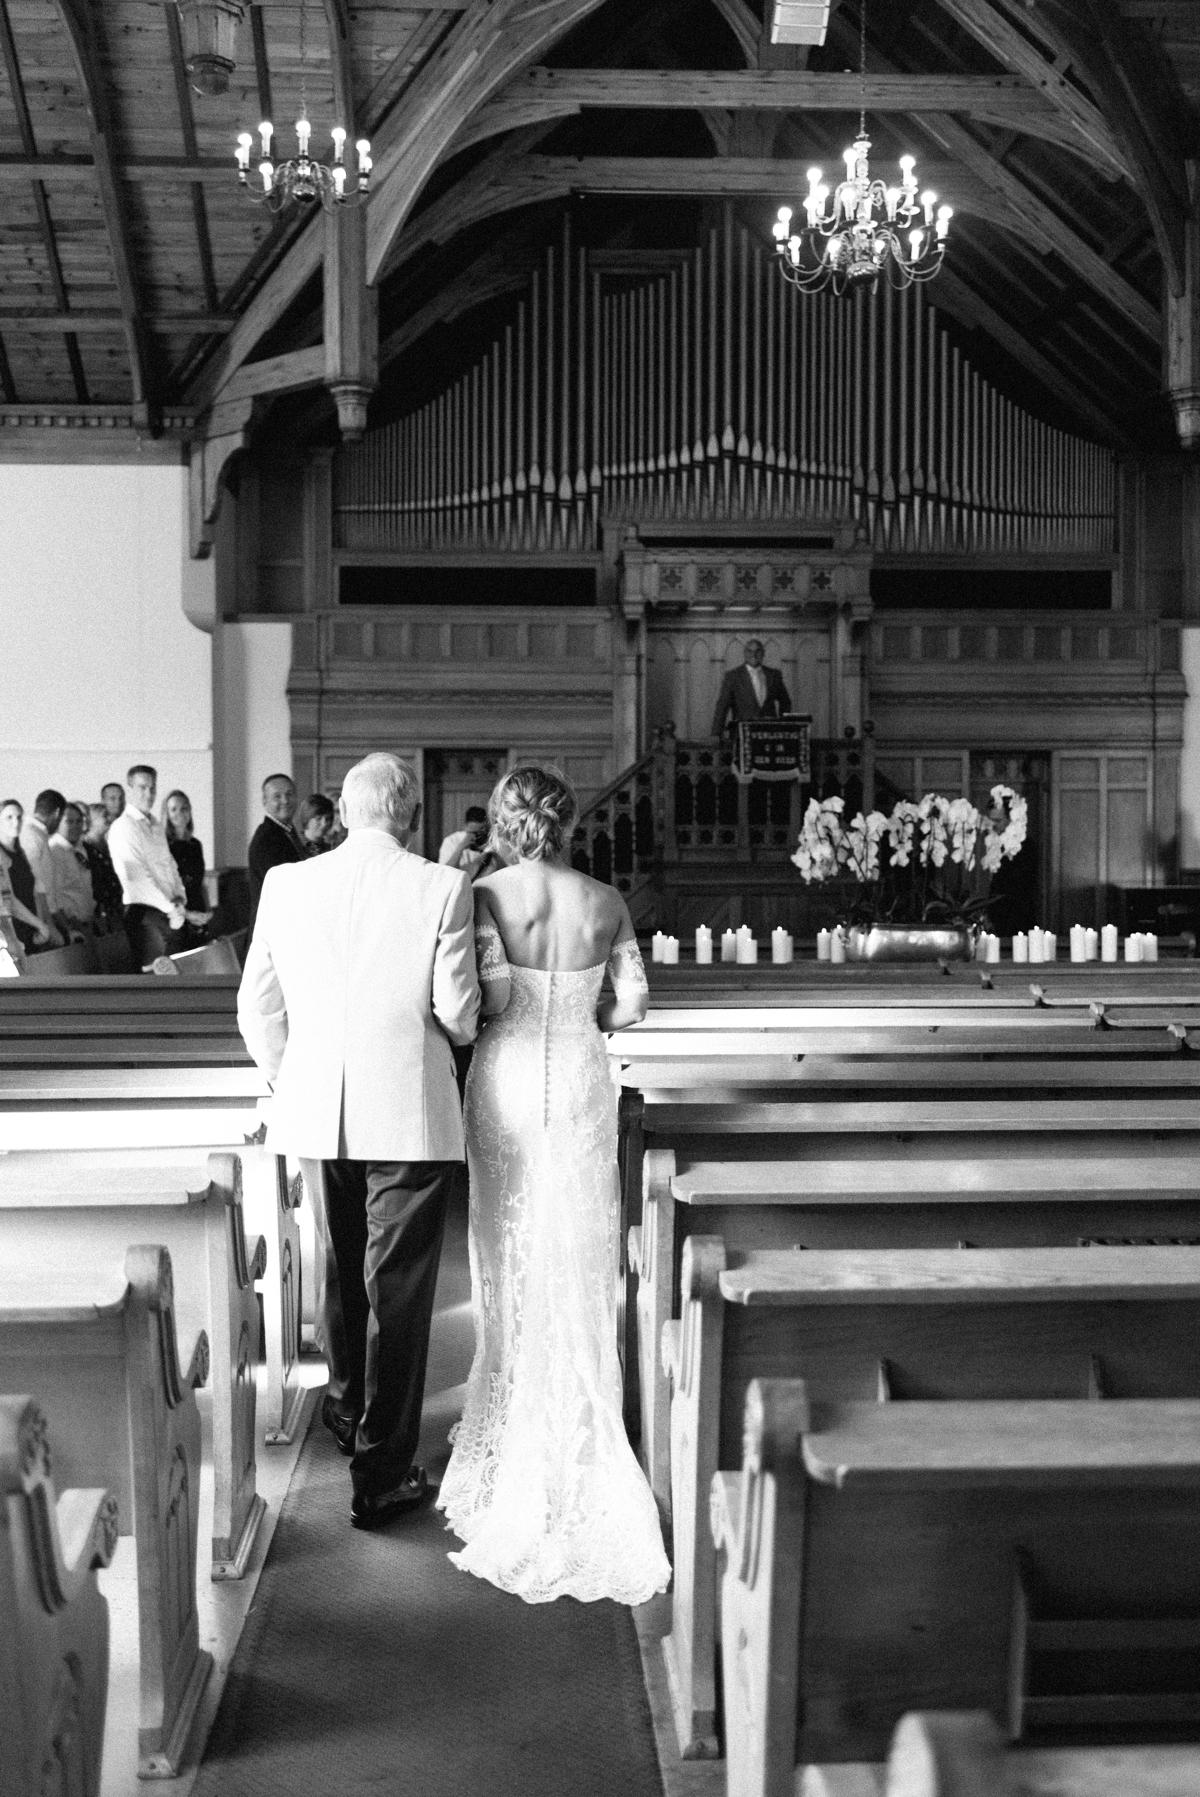 dehan-engelbrecht-scandinavian-wedding-film-photographer-franschhoek-south-africa-018.jpg